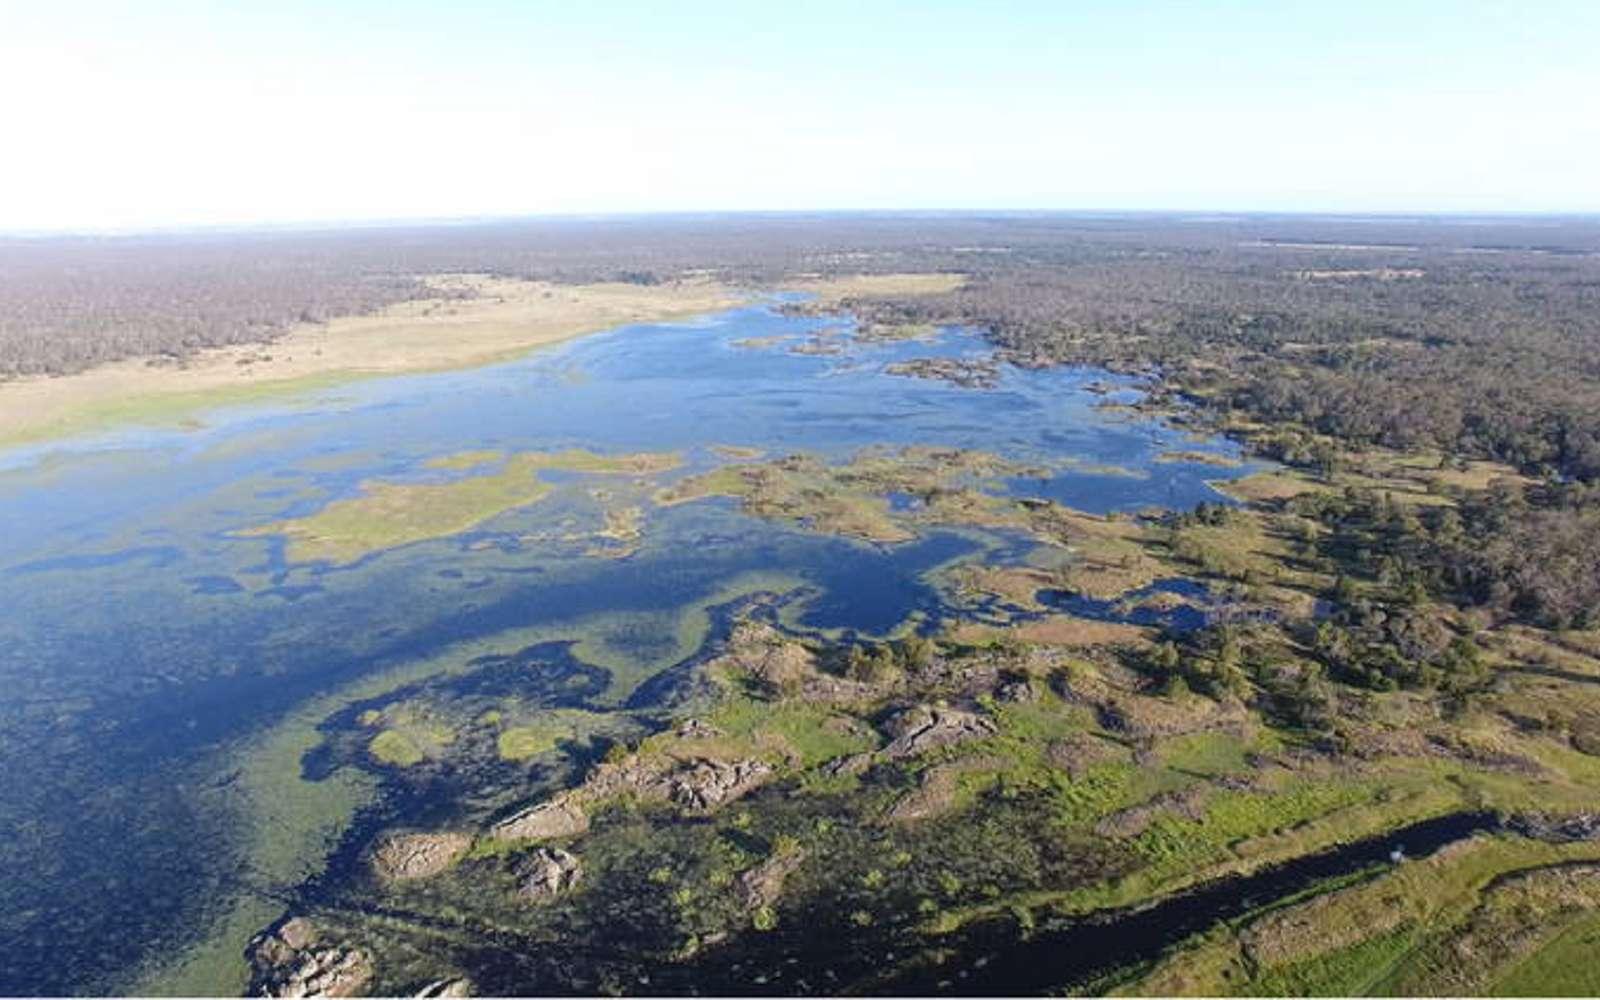 Le réseau de canaux Budj Bim, conçu par les Gunditjmara il y a plus de 6.600 ans © Gunditj Mirring Traditional Owners Aboriginal Corporation